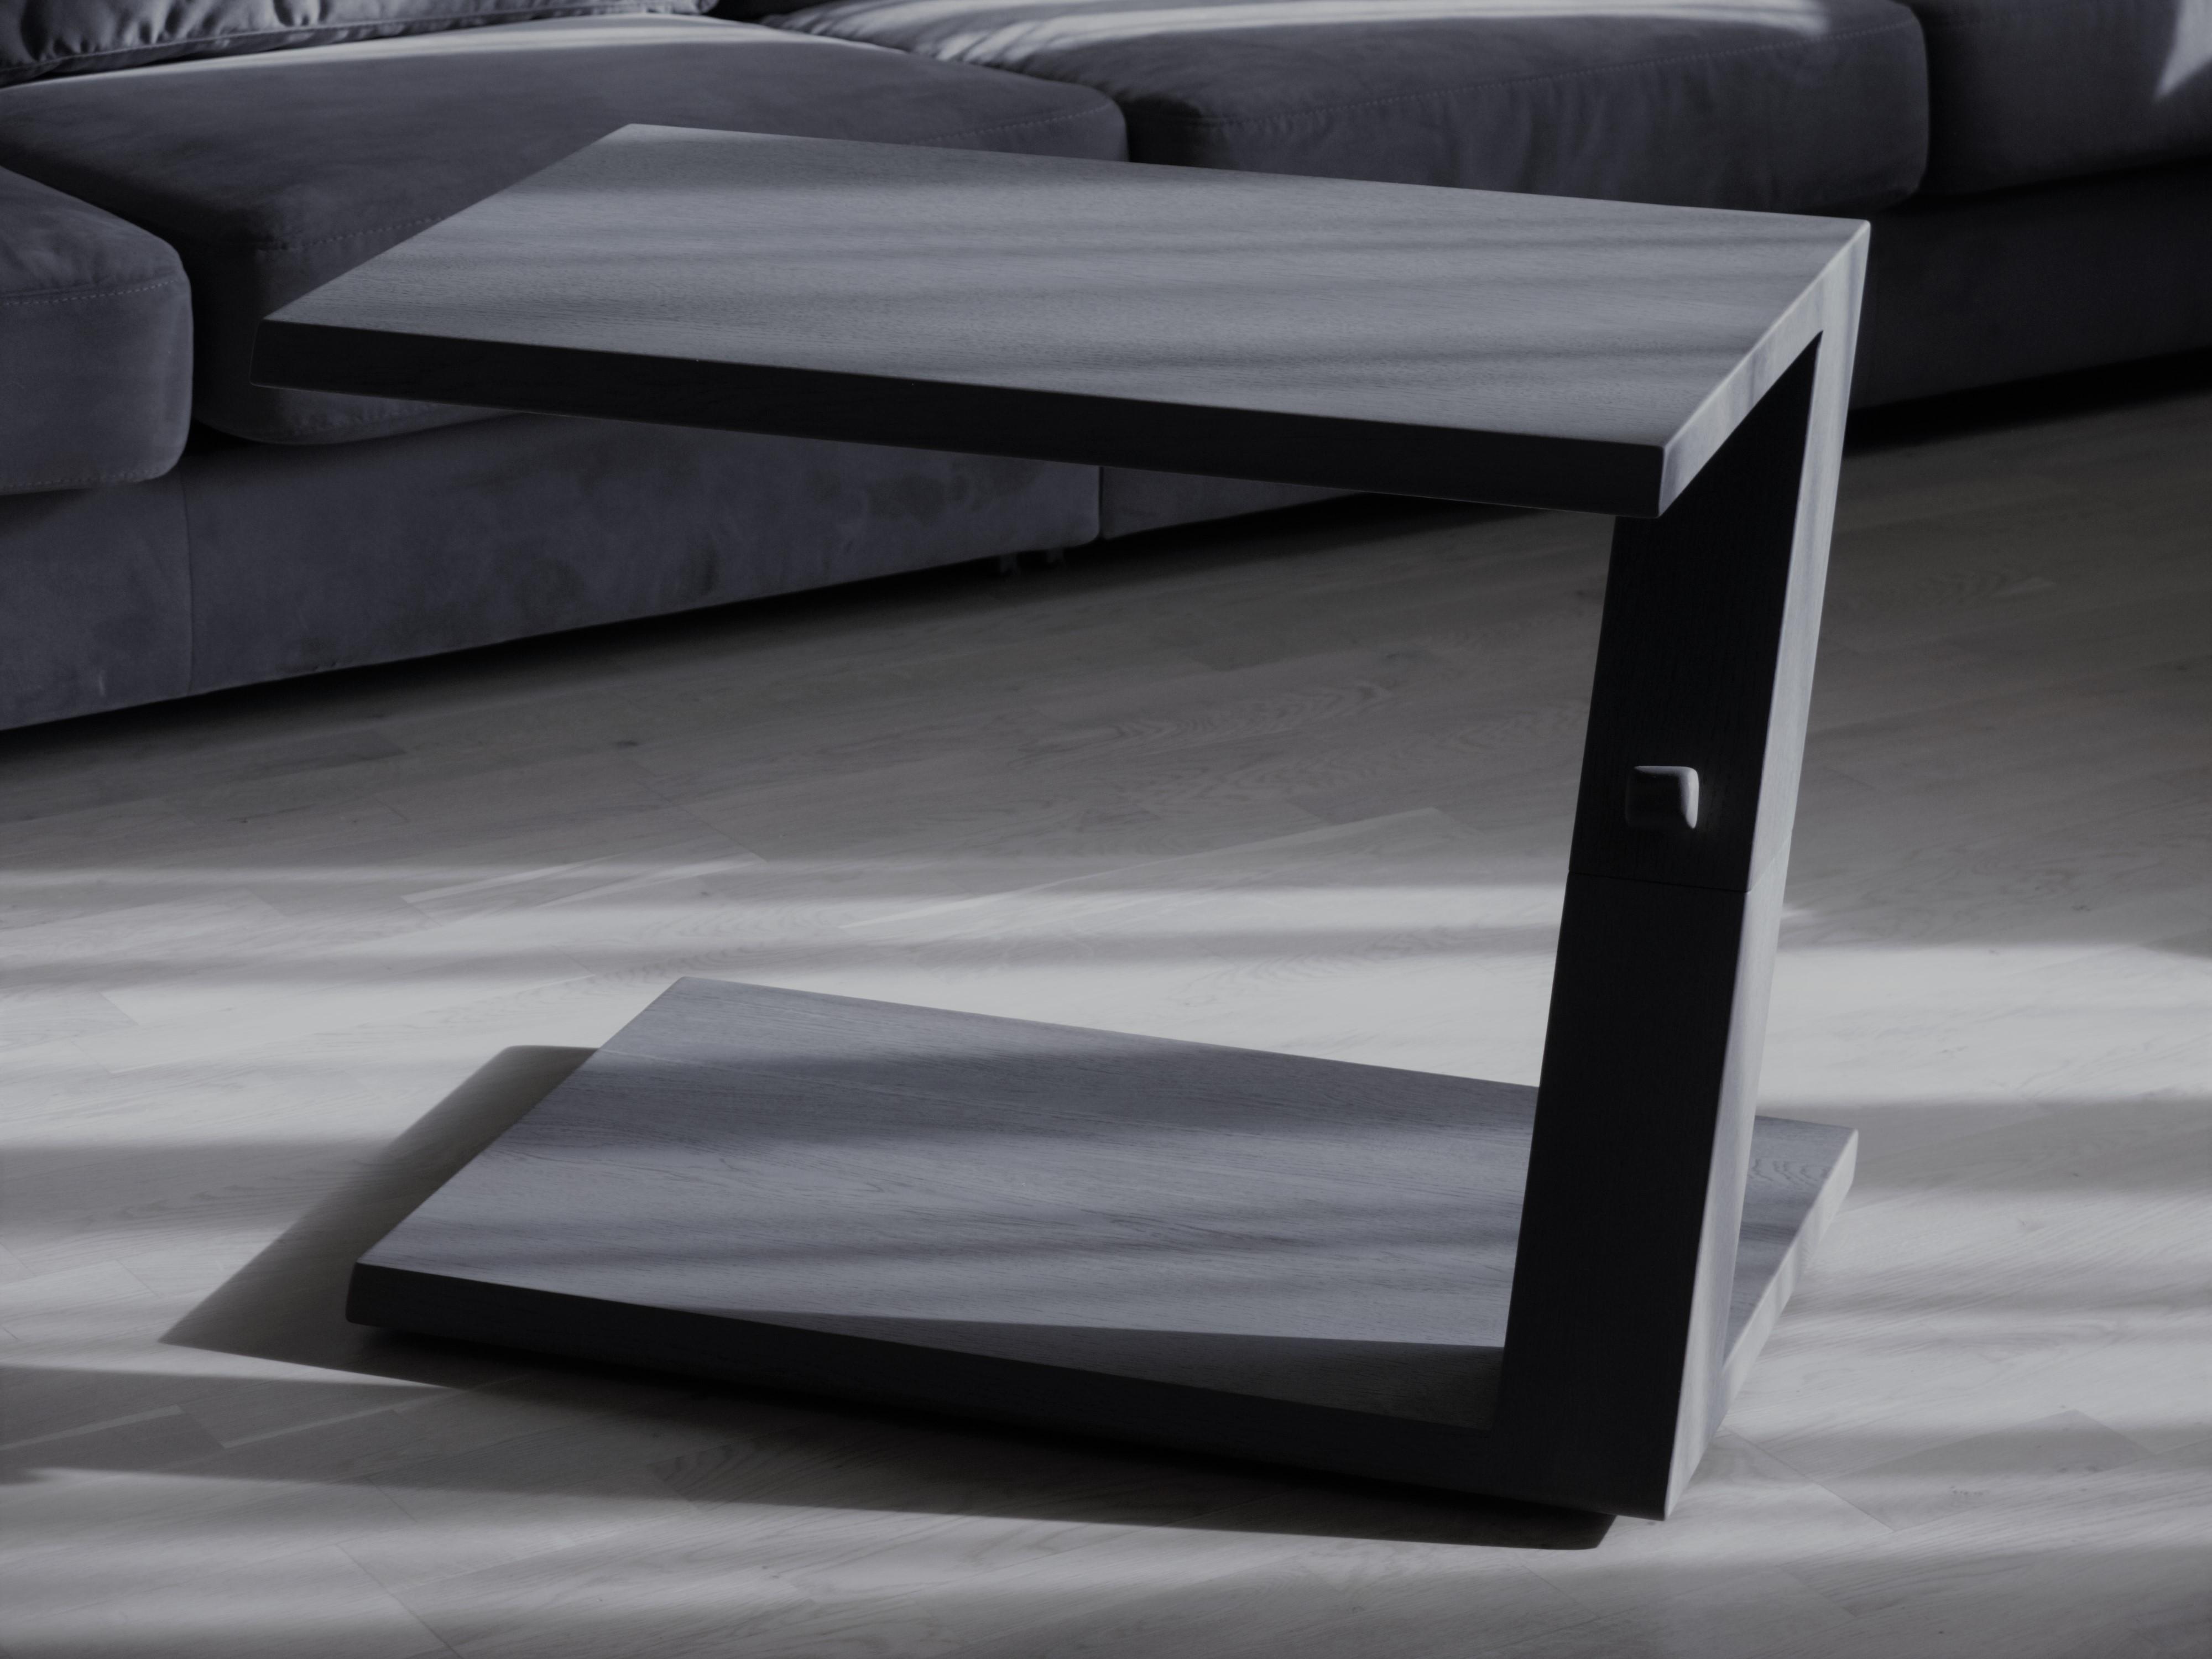 Фото Z-table Консольный, придиванный, прикроватный, компьютерный, журнальный столик. 3